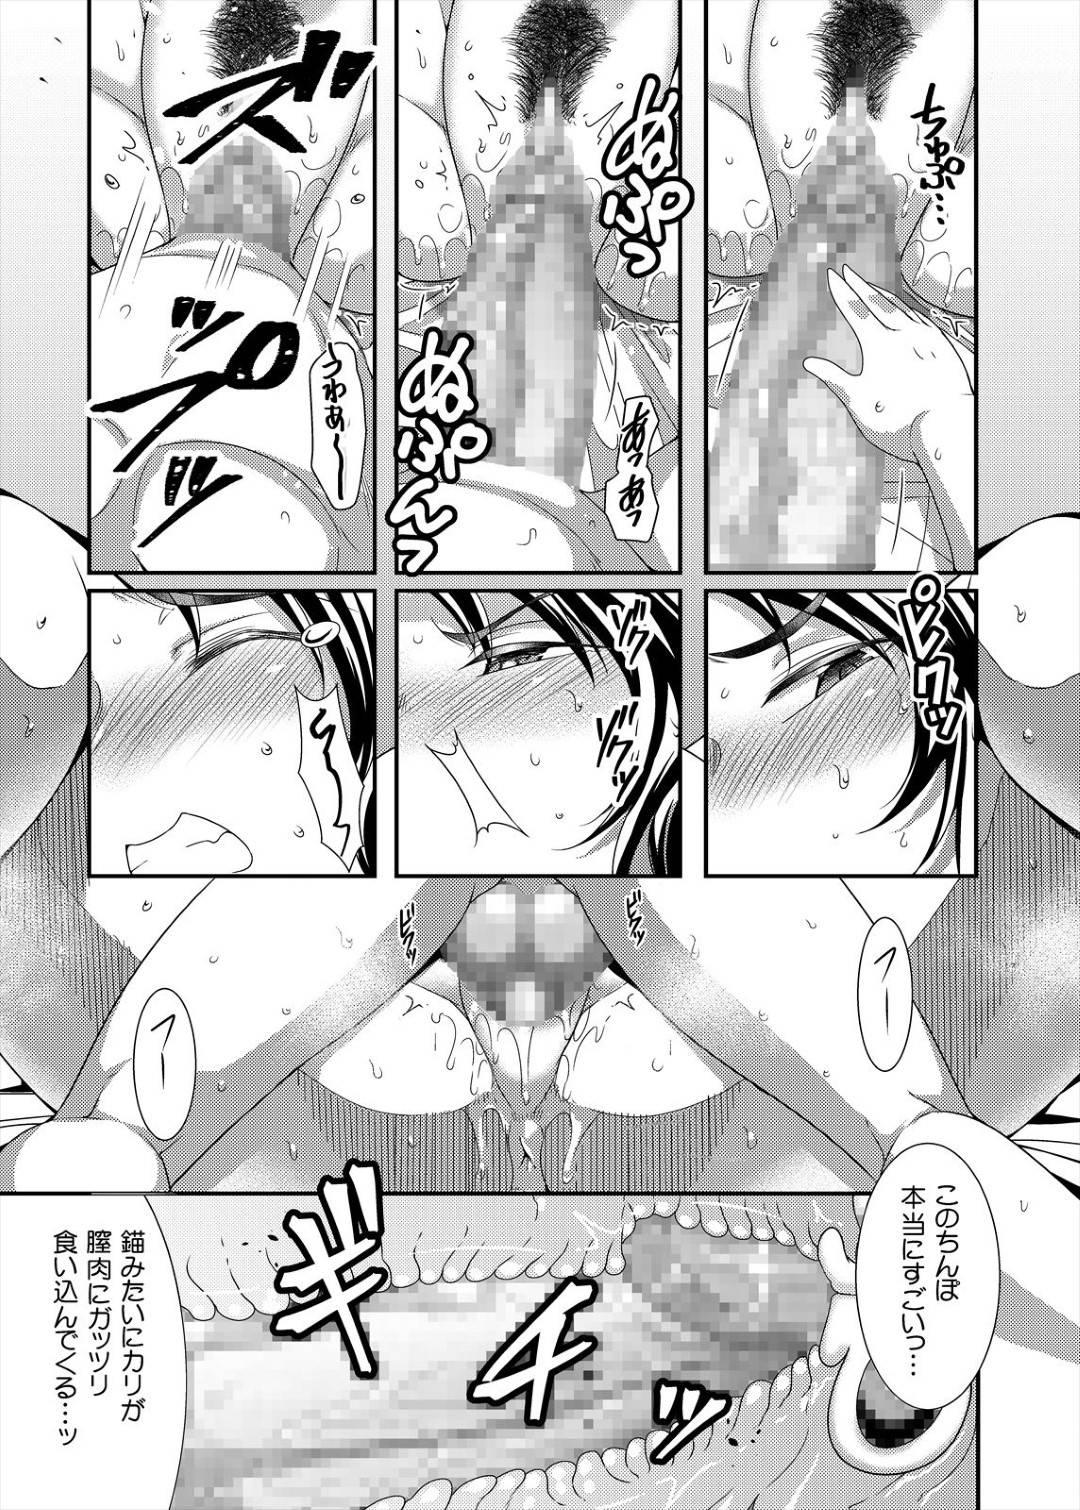 【エロ漫画】筋骨隆々のムラカミに街で逆ナンした小柄な少年。彼女に言われるがままにラブホへ連れられるが、部屋に入って早々身体を持ち上げられてフェラされてしまう!そして体格差のあるパワフル騎乗位で犯されるように強制射精!【茸山しめじ】